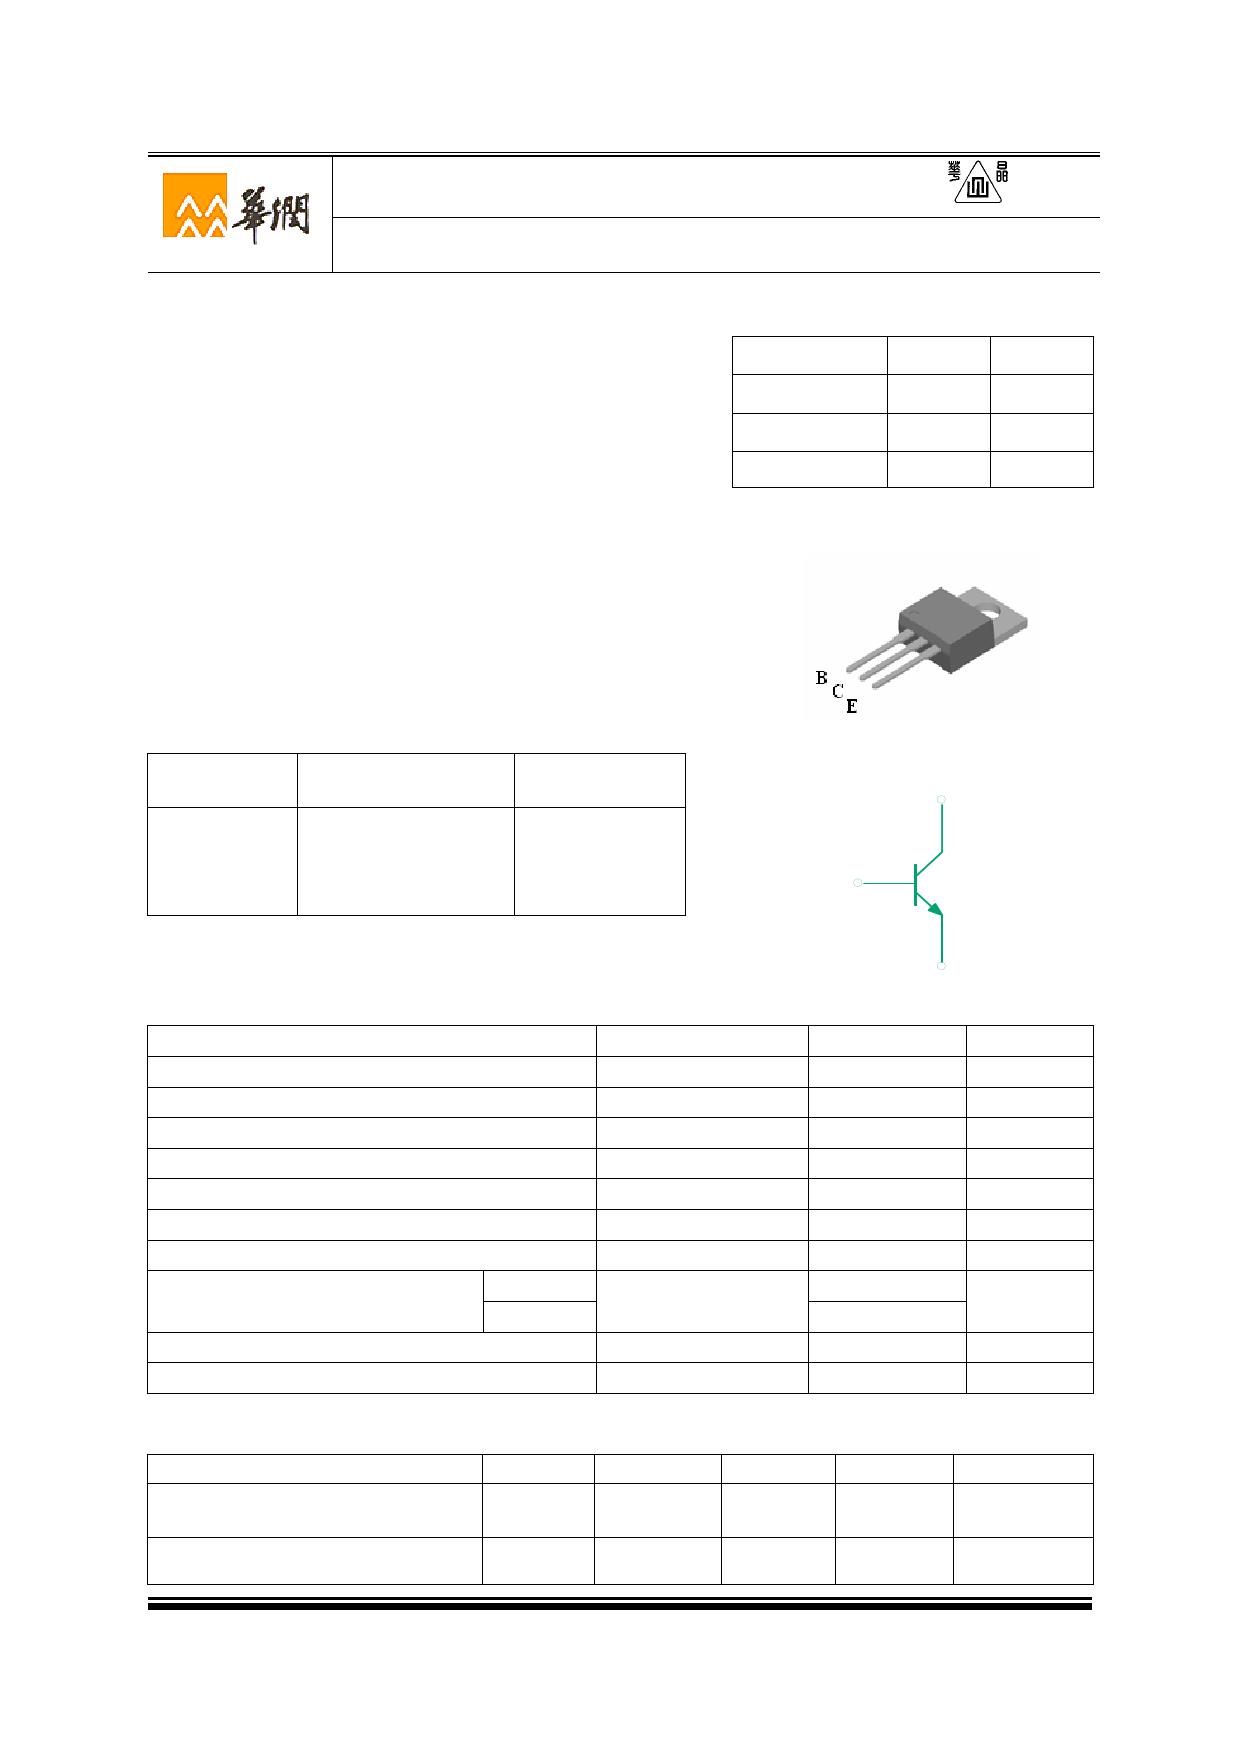 3DD13012A8 Datasheet, 3DD13012A8 PDF,ピン配置, 機能